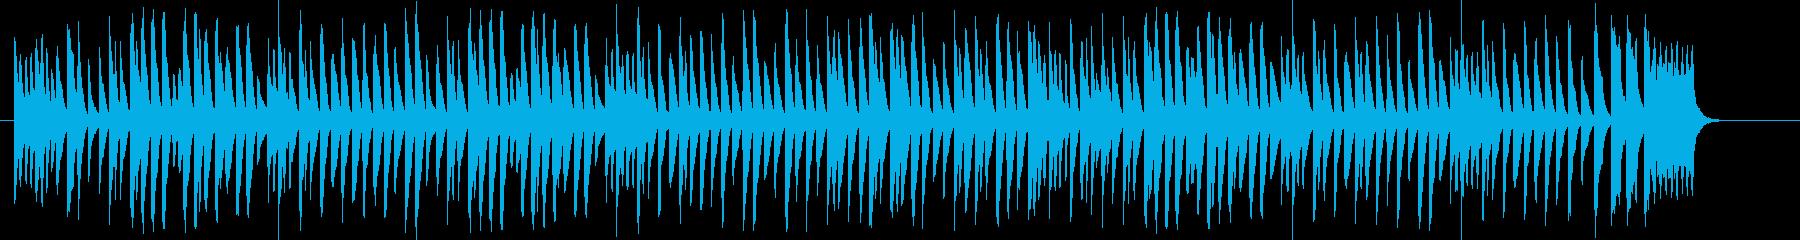 かわいらしく楽しいマリンバ曲の再生済みの波形